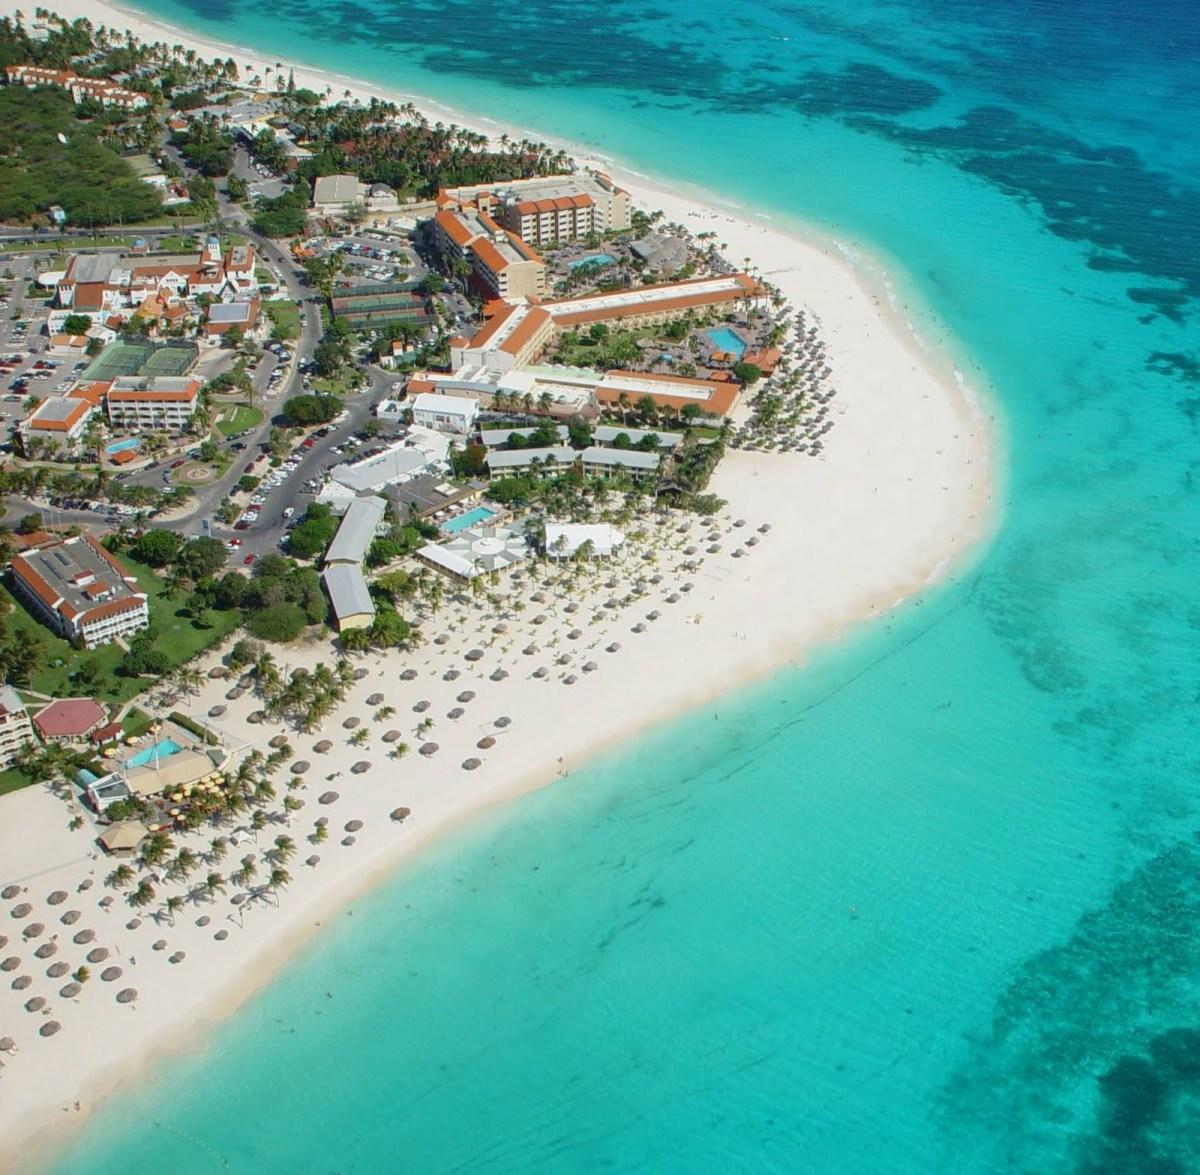 Vai viajar para Aruba, Bonaire ou Curaçao? Confira os próximos eventos e divirta-se